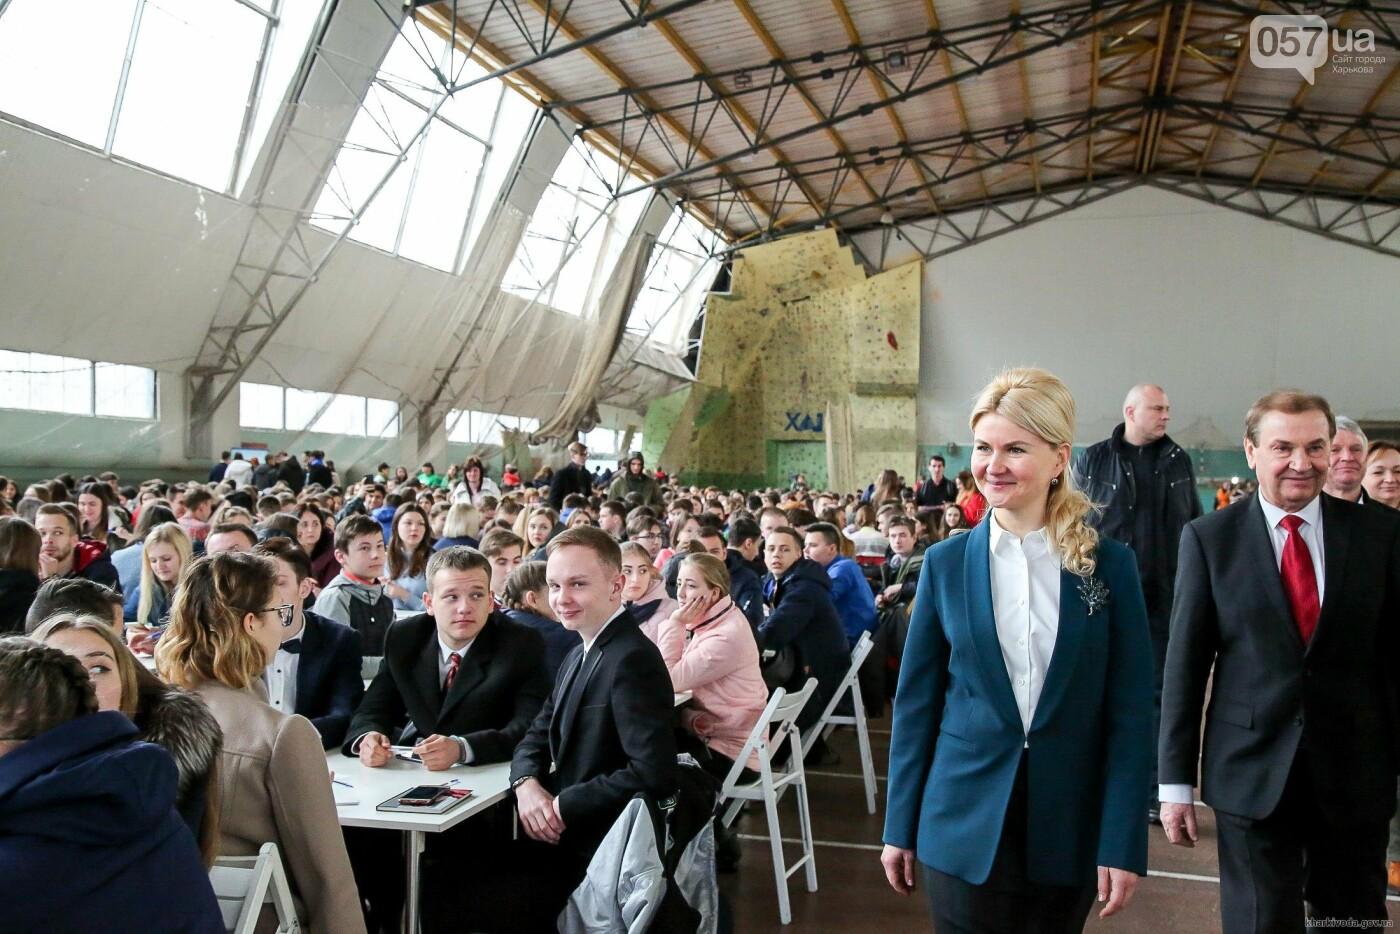 В Харьковской области установили интеллектуальный рекорд Украины, фото-3